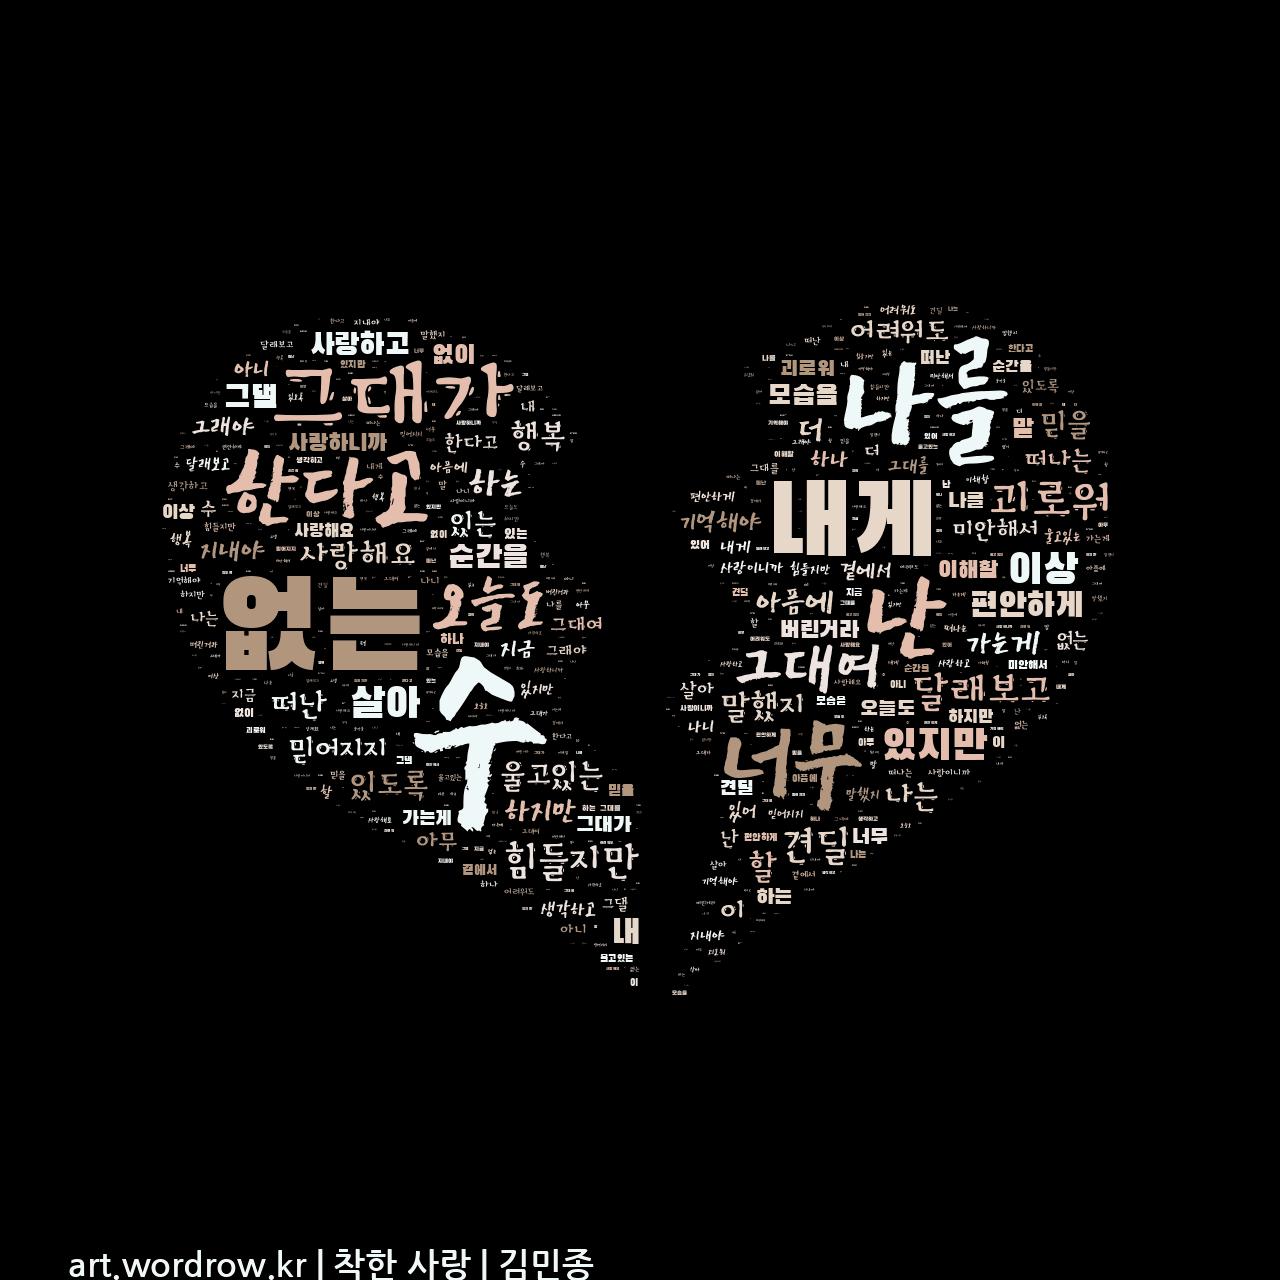 워드 아트: 착한 사랑 [김민종]-55